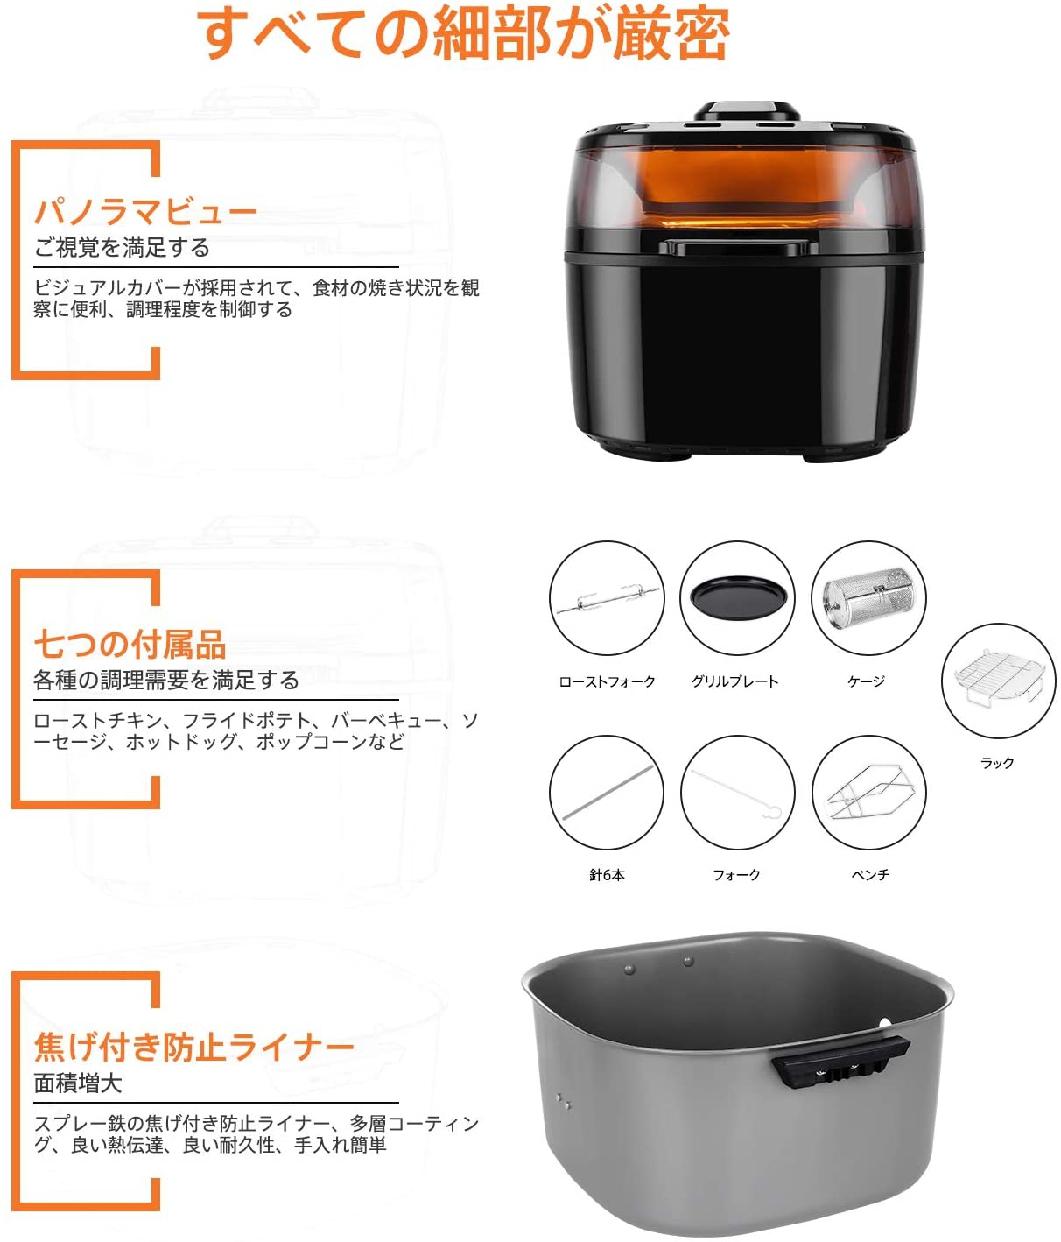 VPCOK(ブイピーコック) ノンフライヤー エアフライヤー 10L ブラックの商品画像2